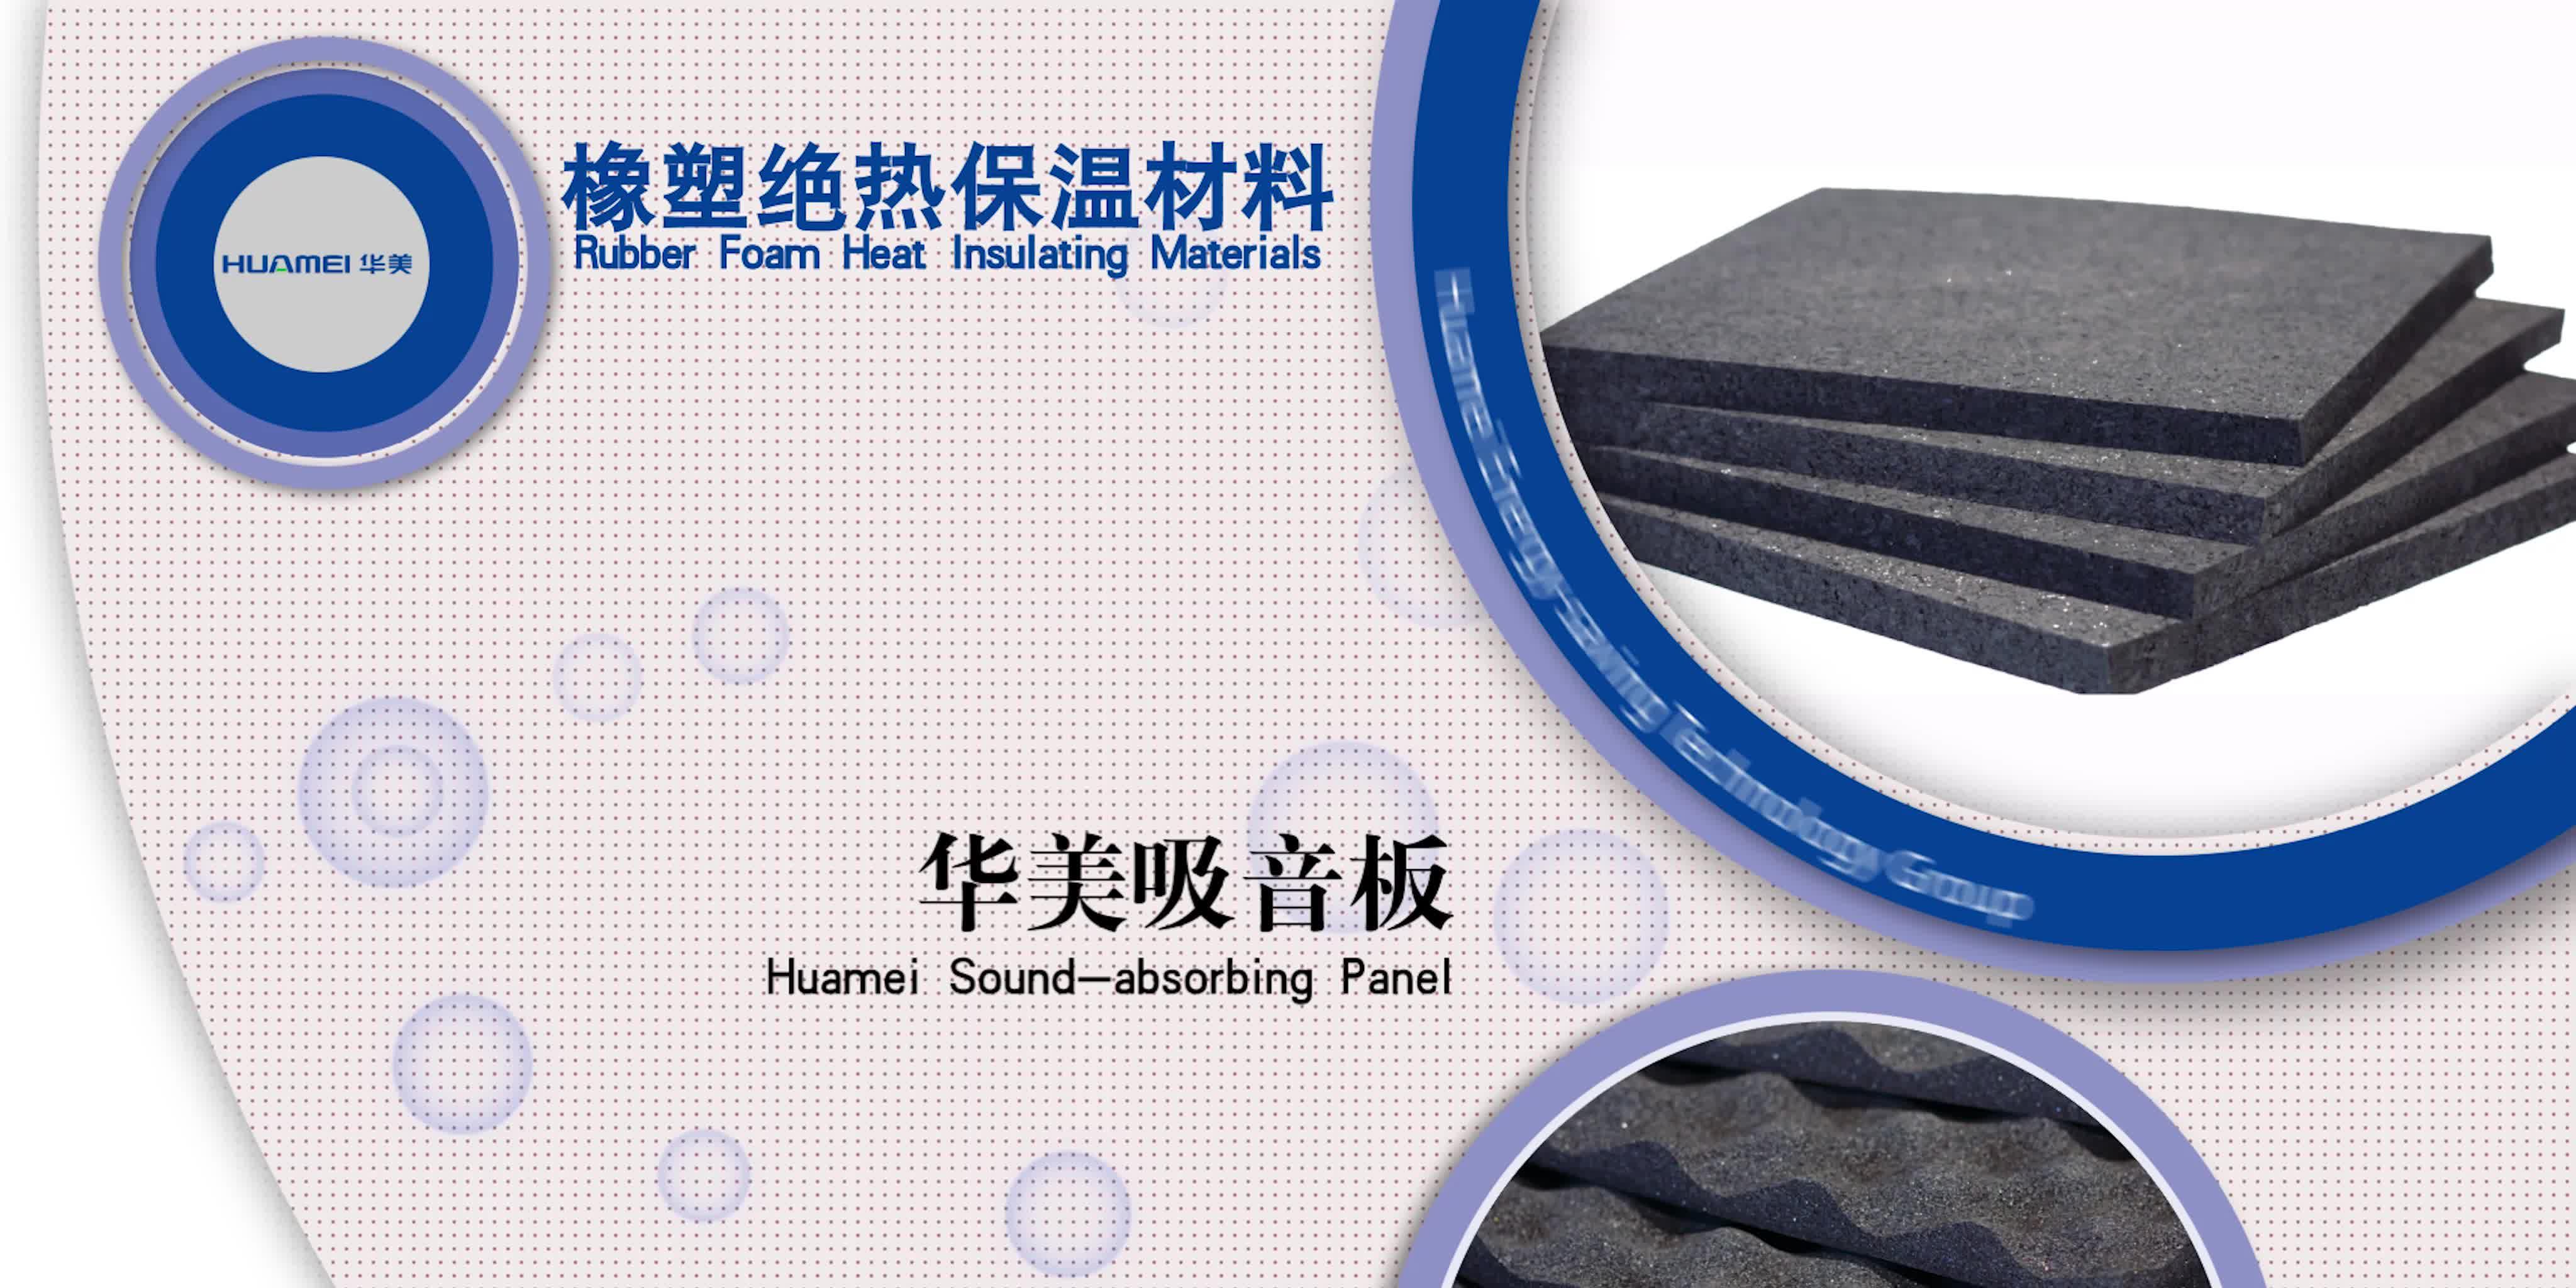 Nuevos de caucho de espuma acústica/a prueba de material de aislamiento térmico